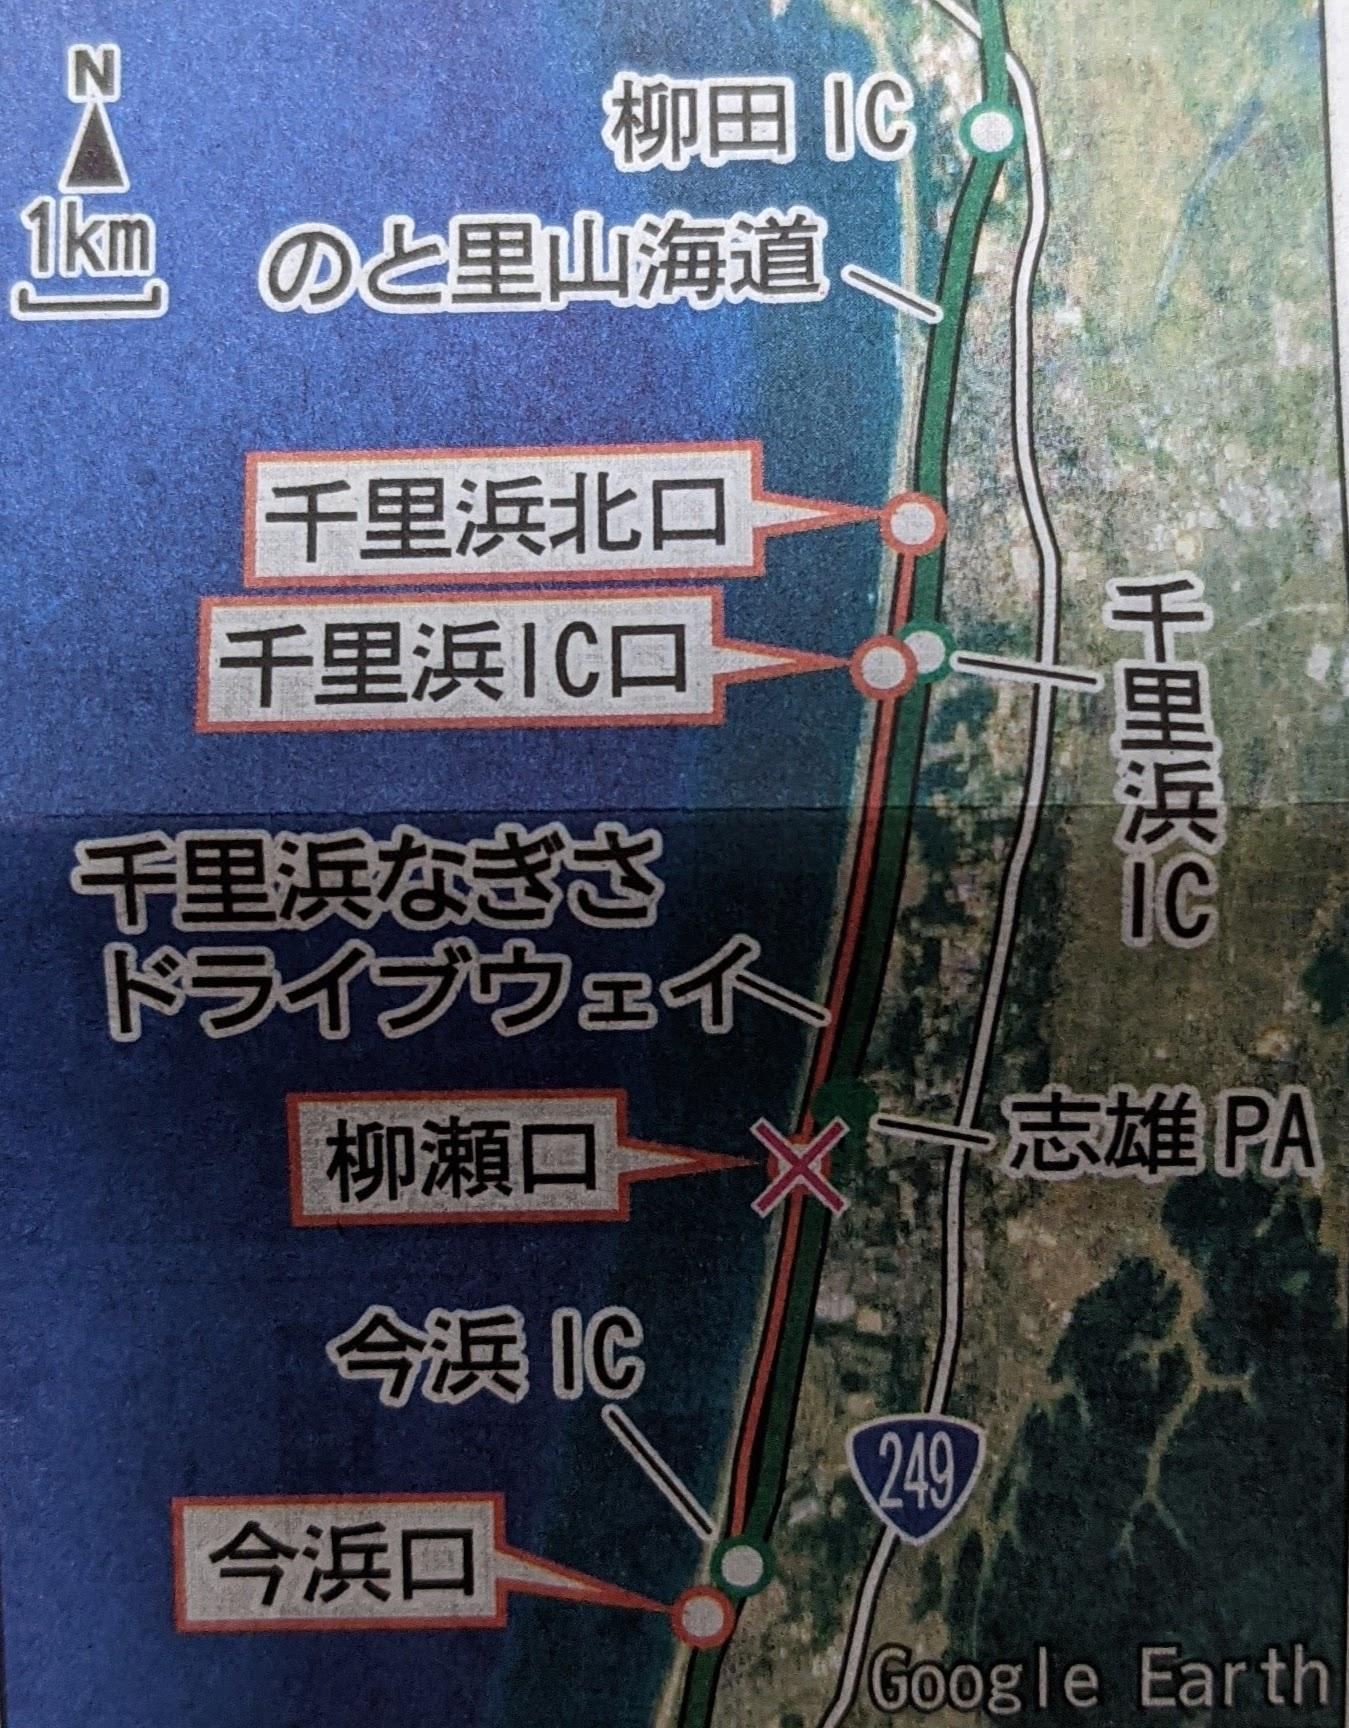 2/23(火) 早朝の記事ニュース 2021 <昨晩のまとめ>